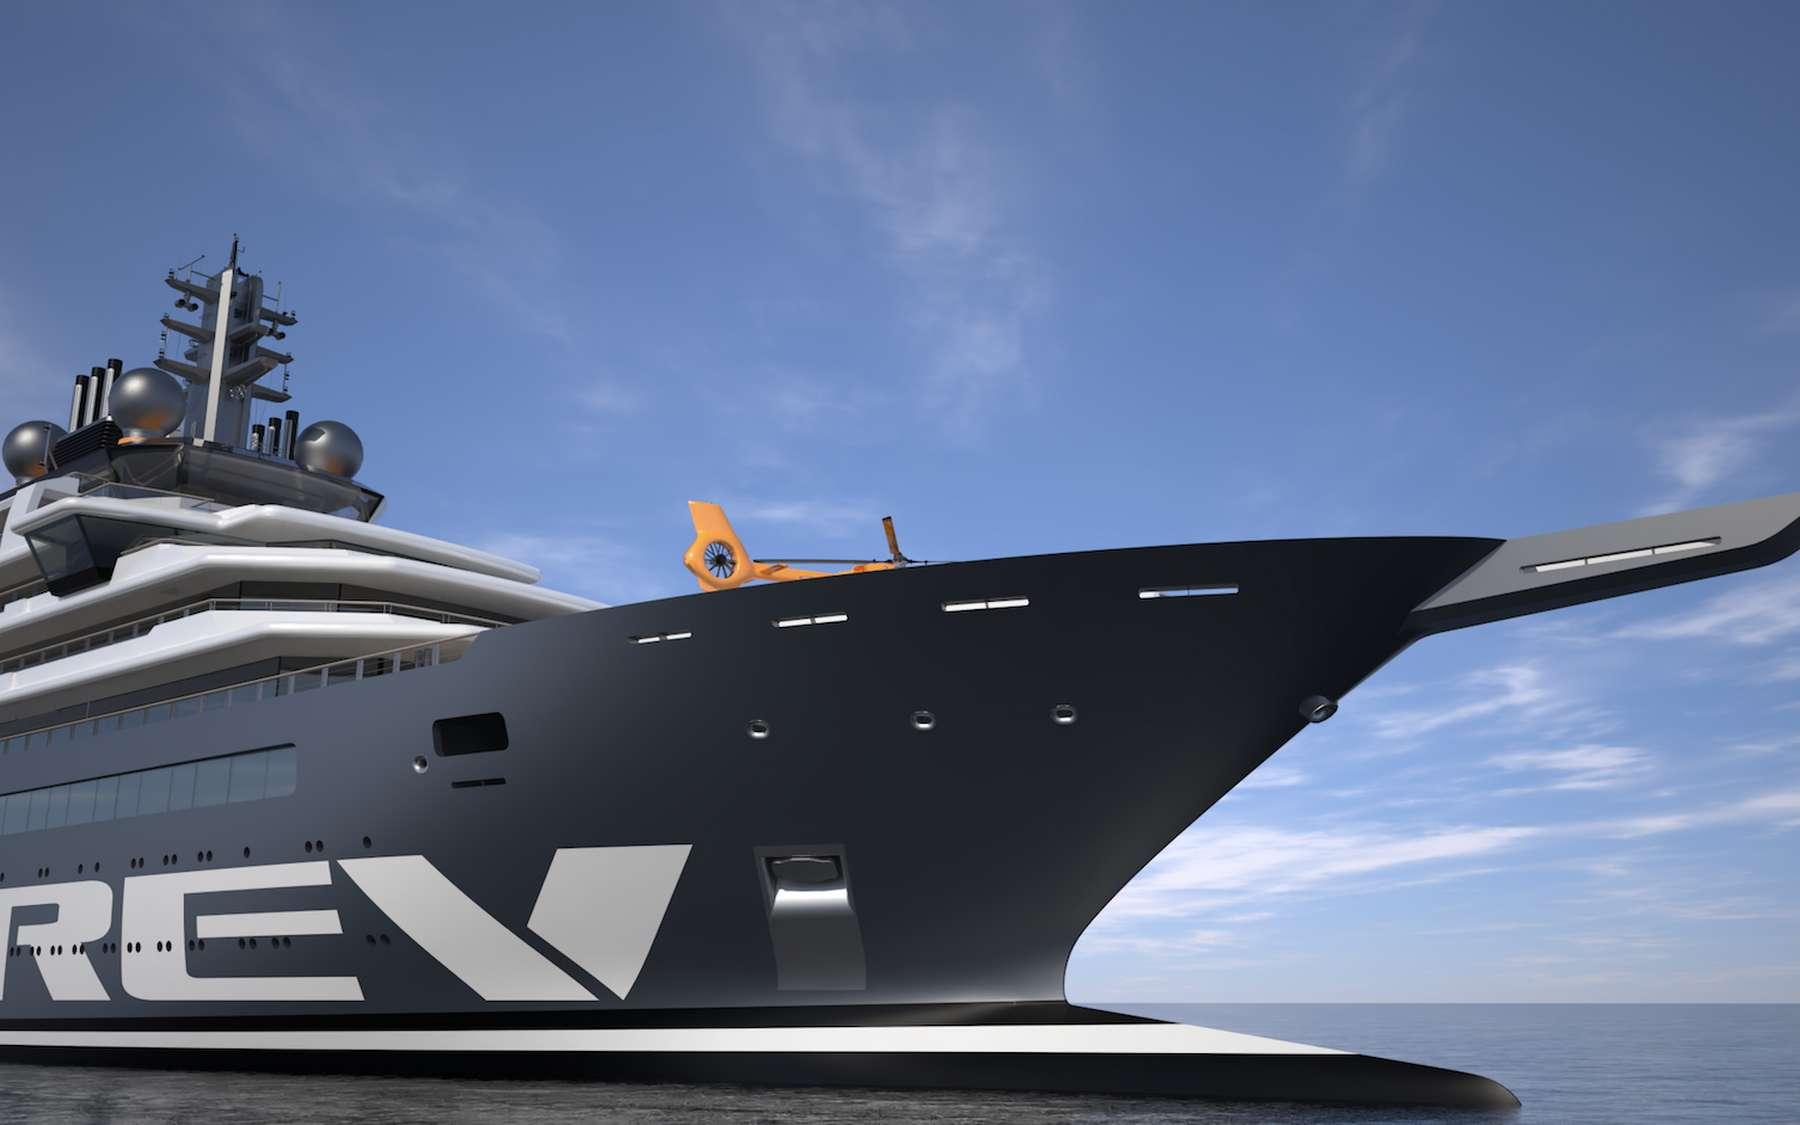 Kjell Inge Røkke a dépensé près de 450 millions d'euros pour la construction et l'exploitation du REV. © REV Ocean